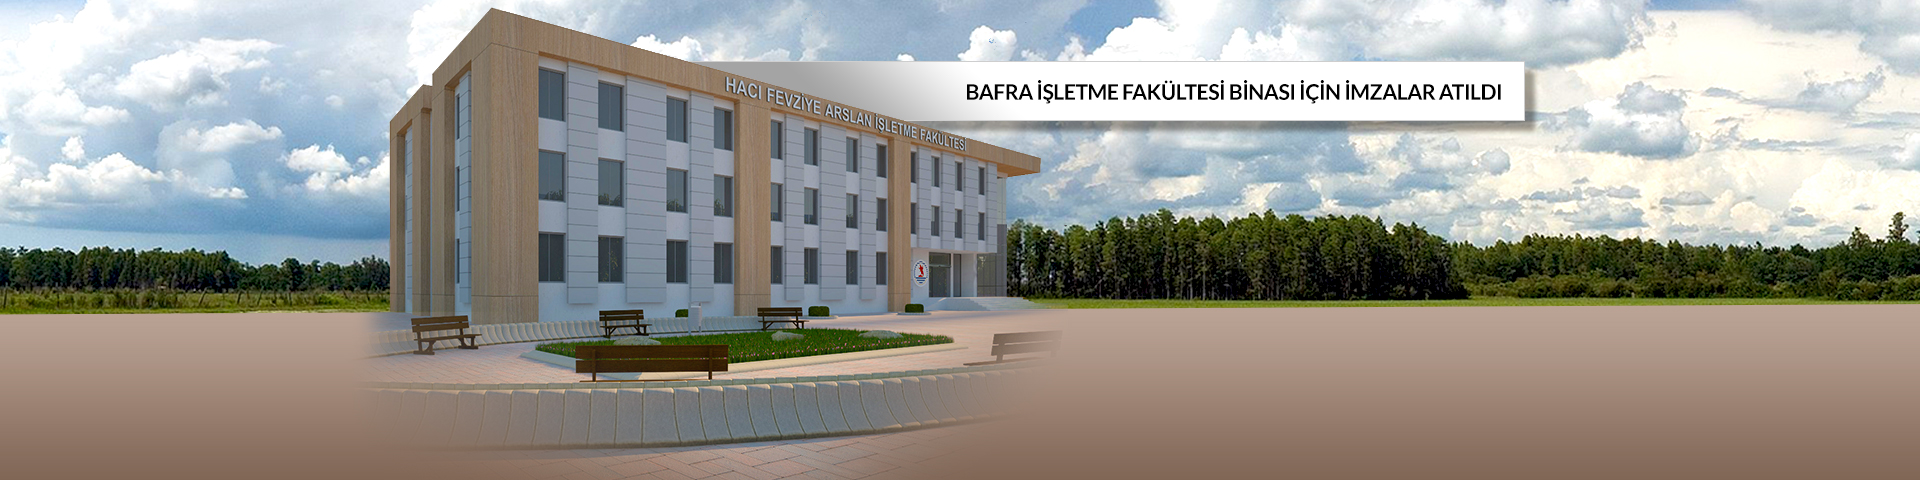 Arslan Ailesi'nden Bafra'ya Fakülte Binası